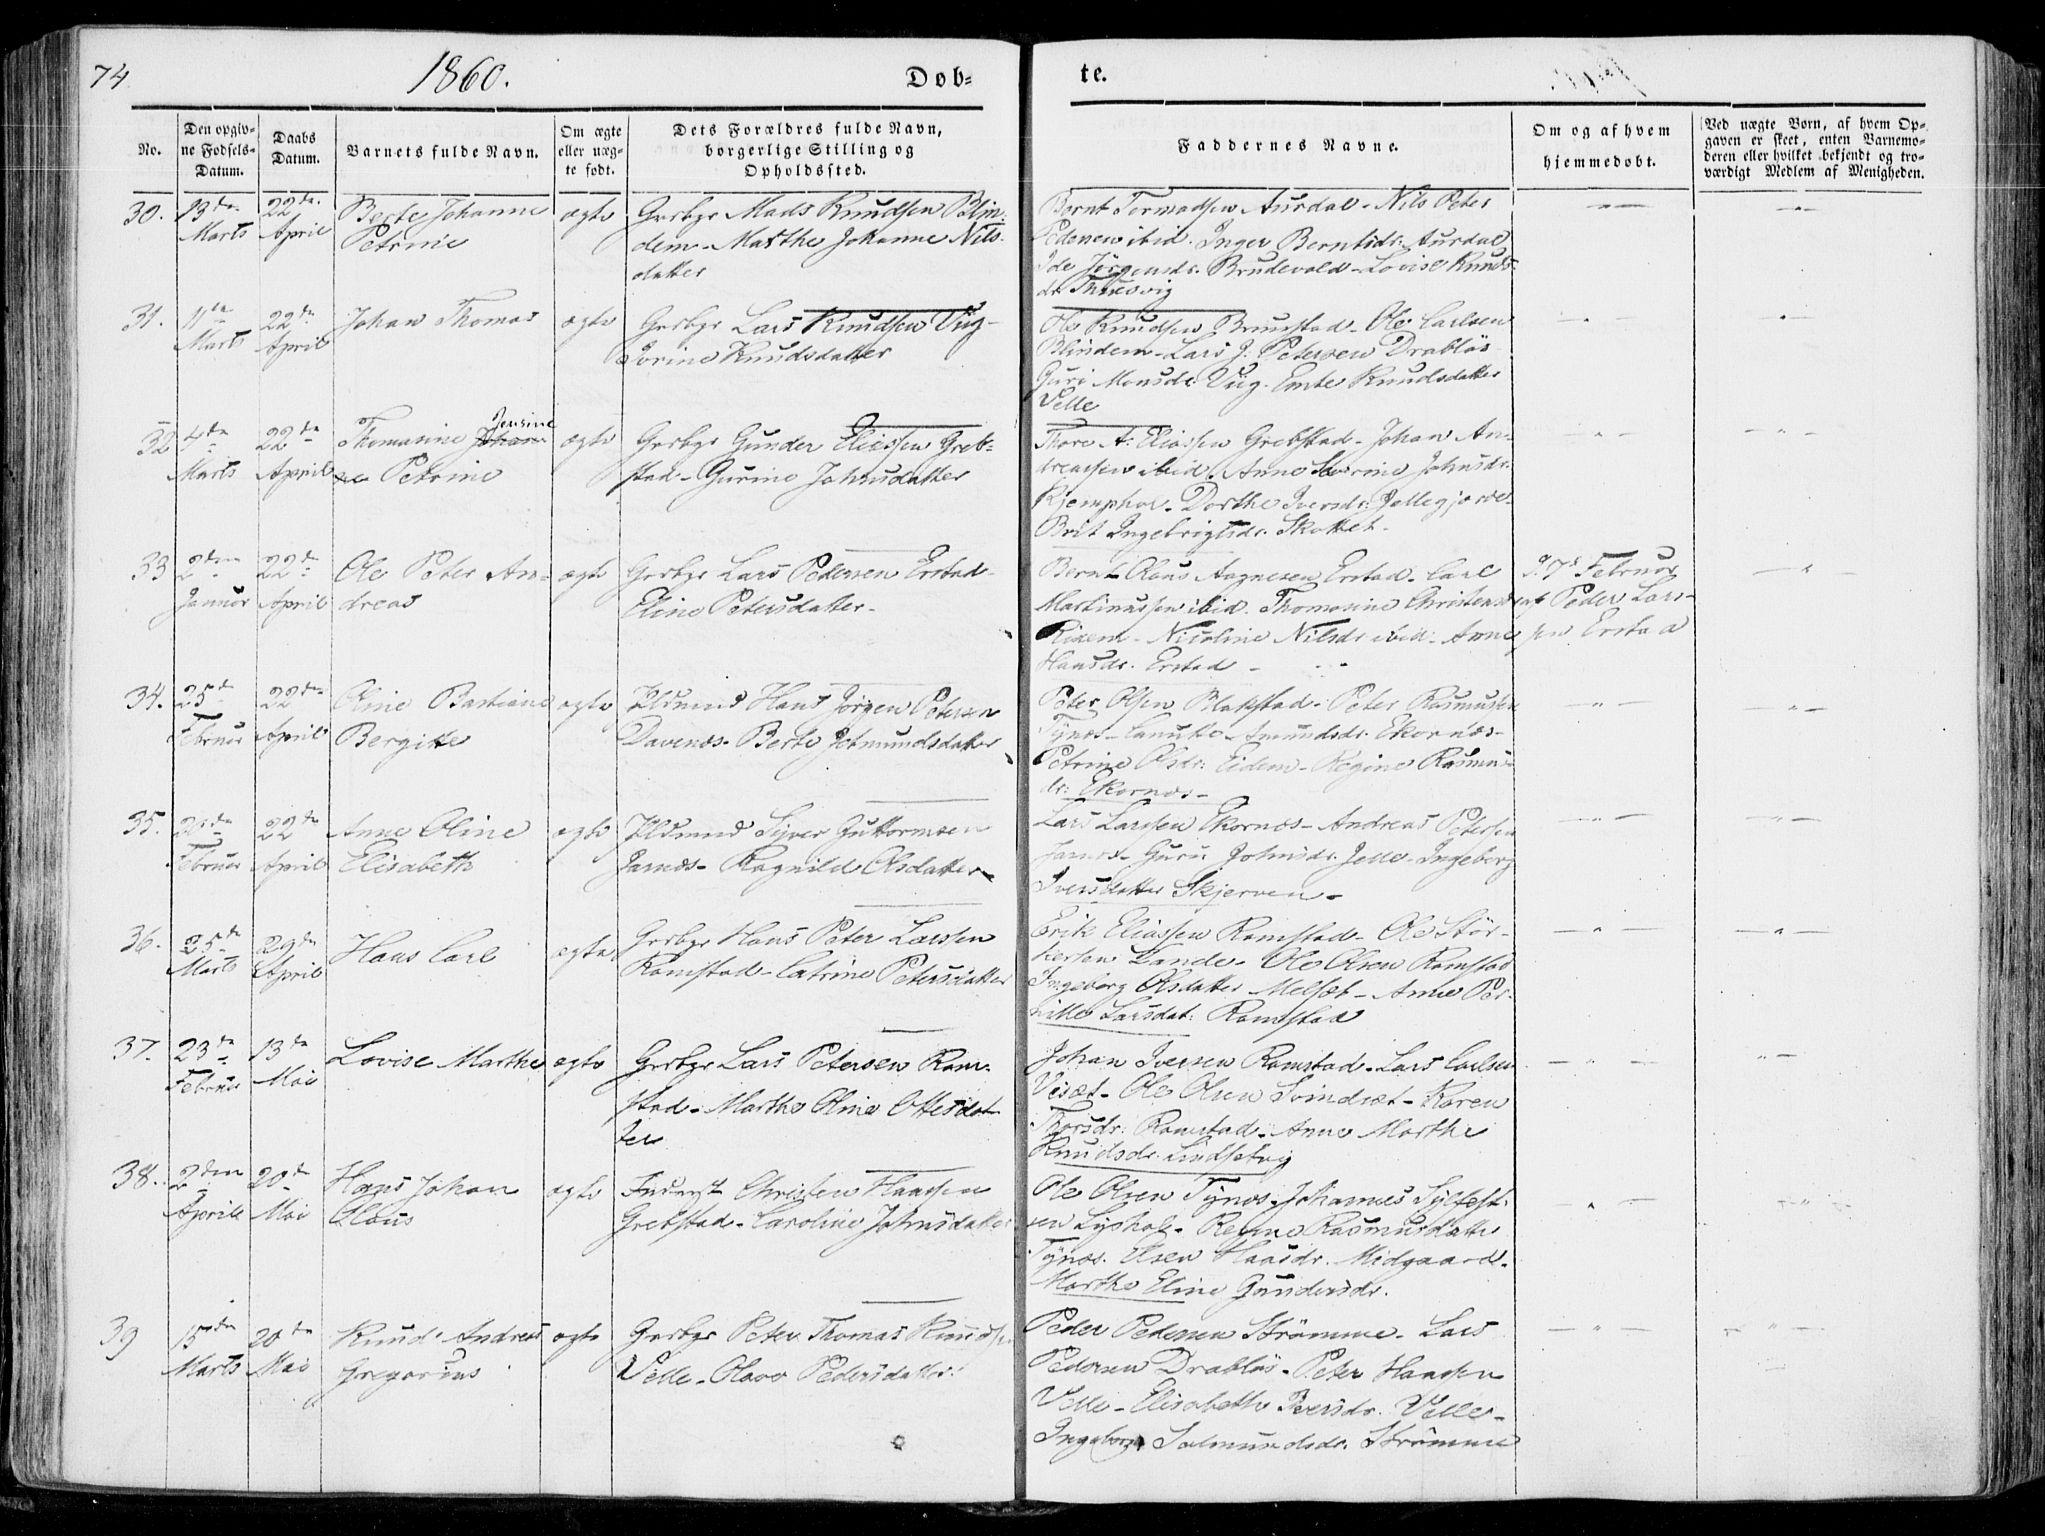 SAT, Ministerialprotokoller, klokkerbøker og fødselsregistre - Møre og Romsdal, 522/L0313: Ministerialbok nr. 522A08, 1852-1862, s. 74